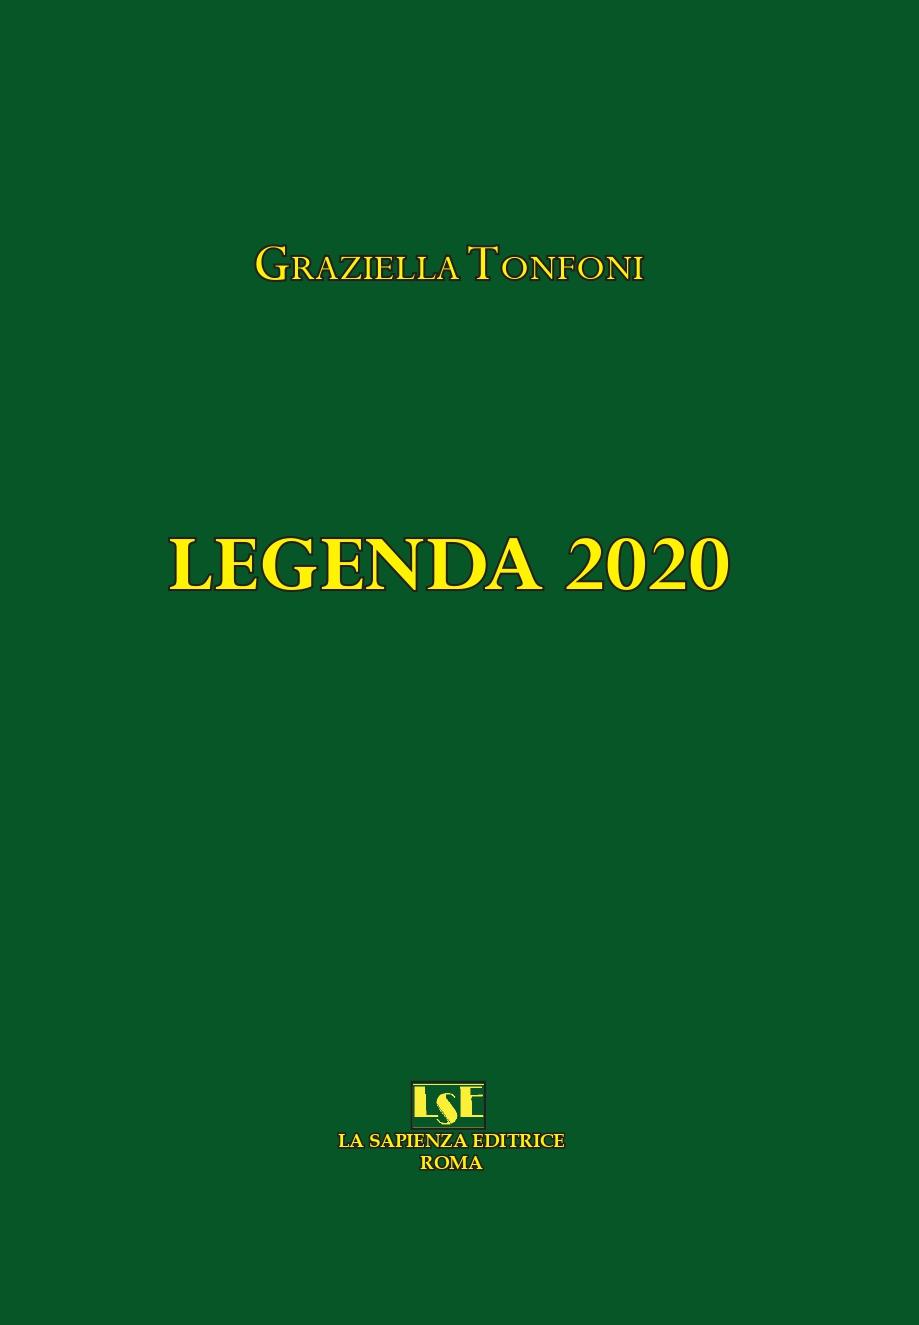 Legenda 2020